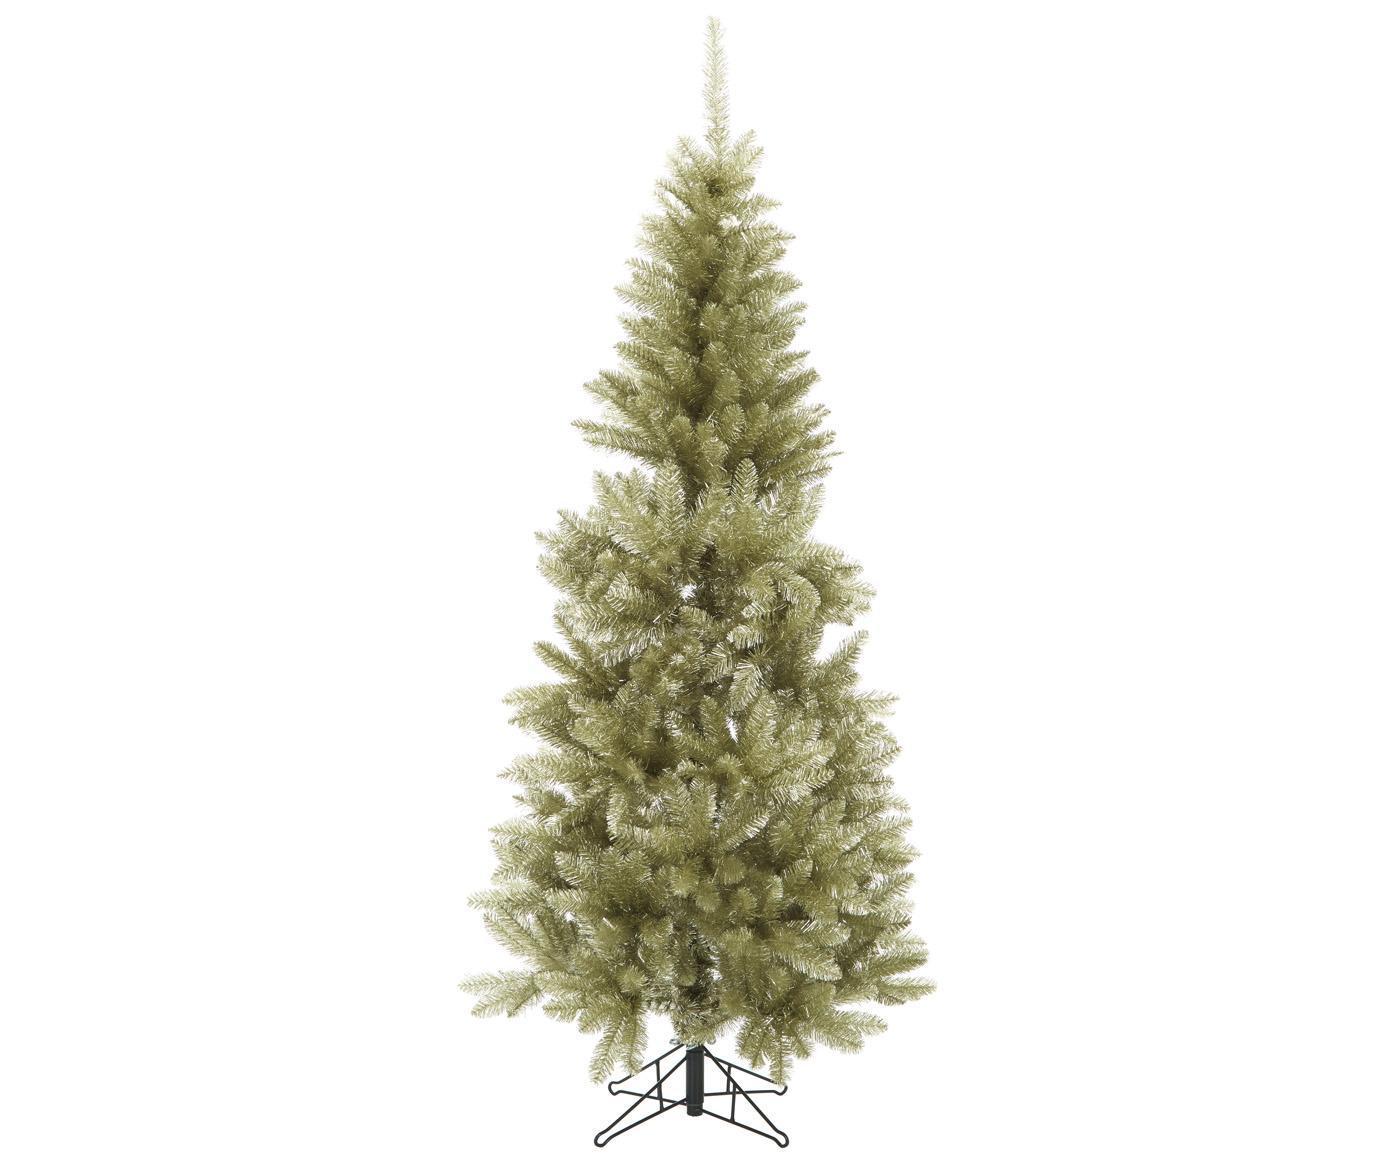 Künstlicher Weihnachtsbaum Colchester in Gold, Kunststoff (PVC), Champagnerfarben, Ø 84 x H 185 cm